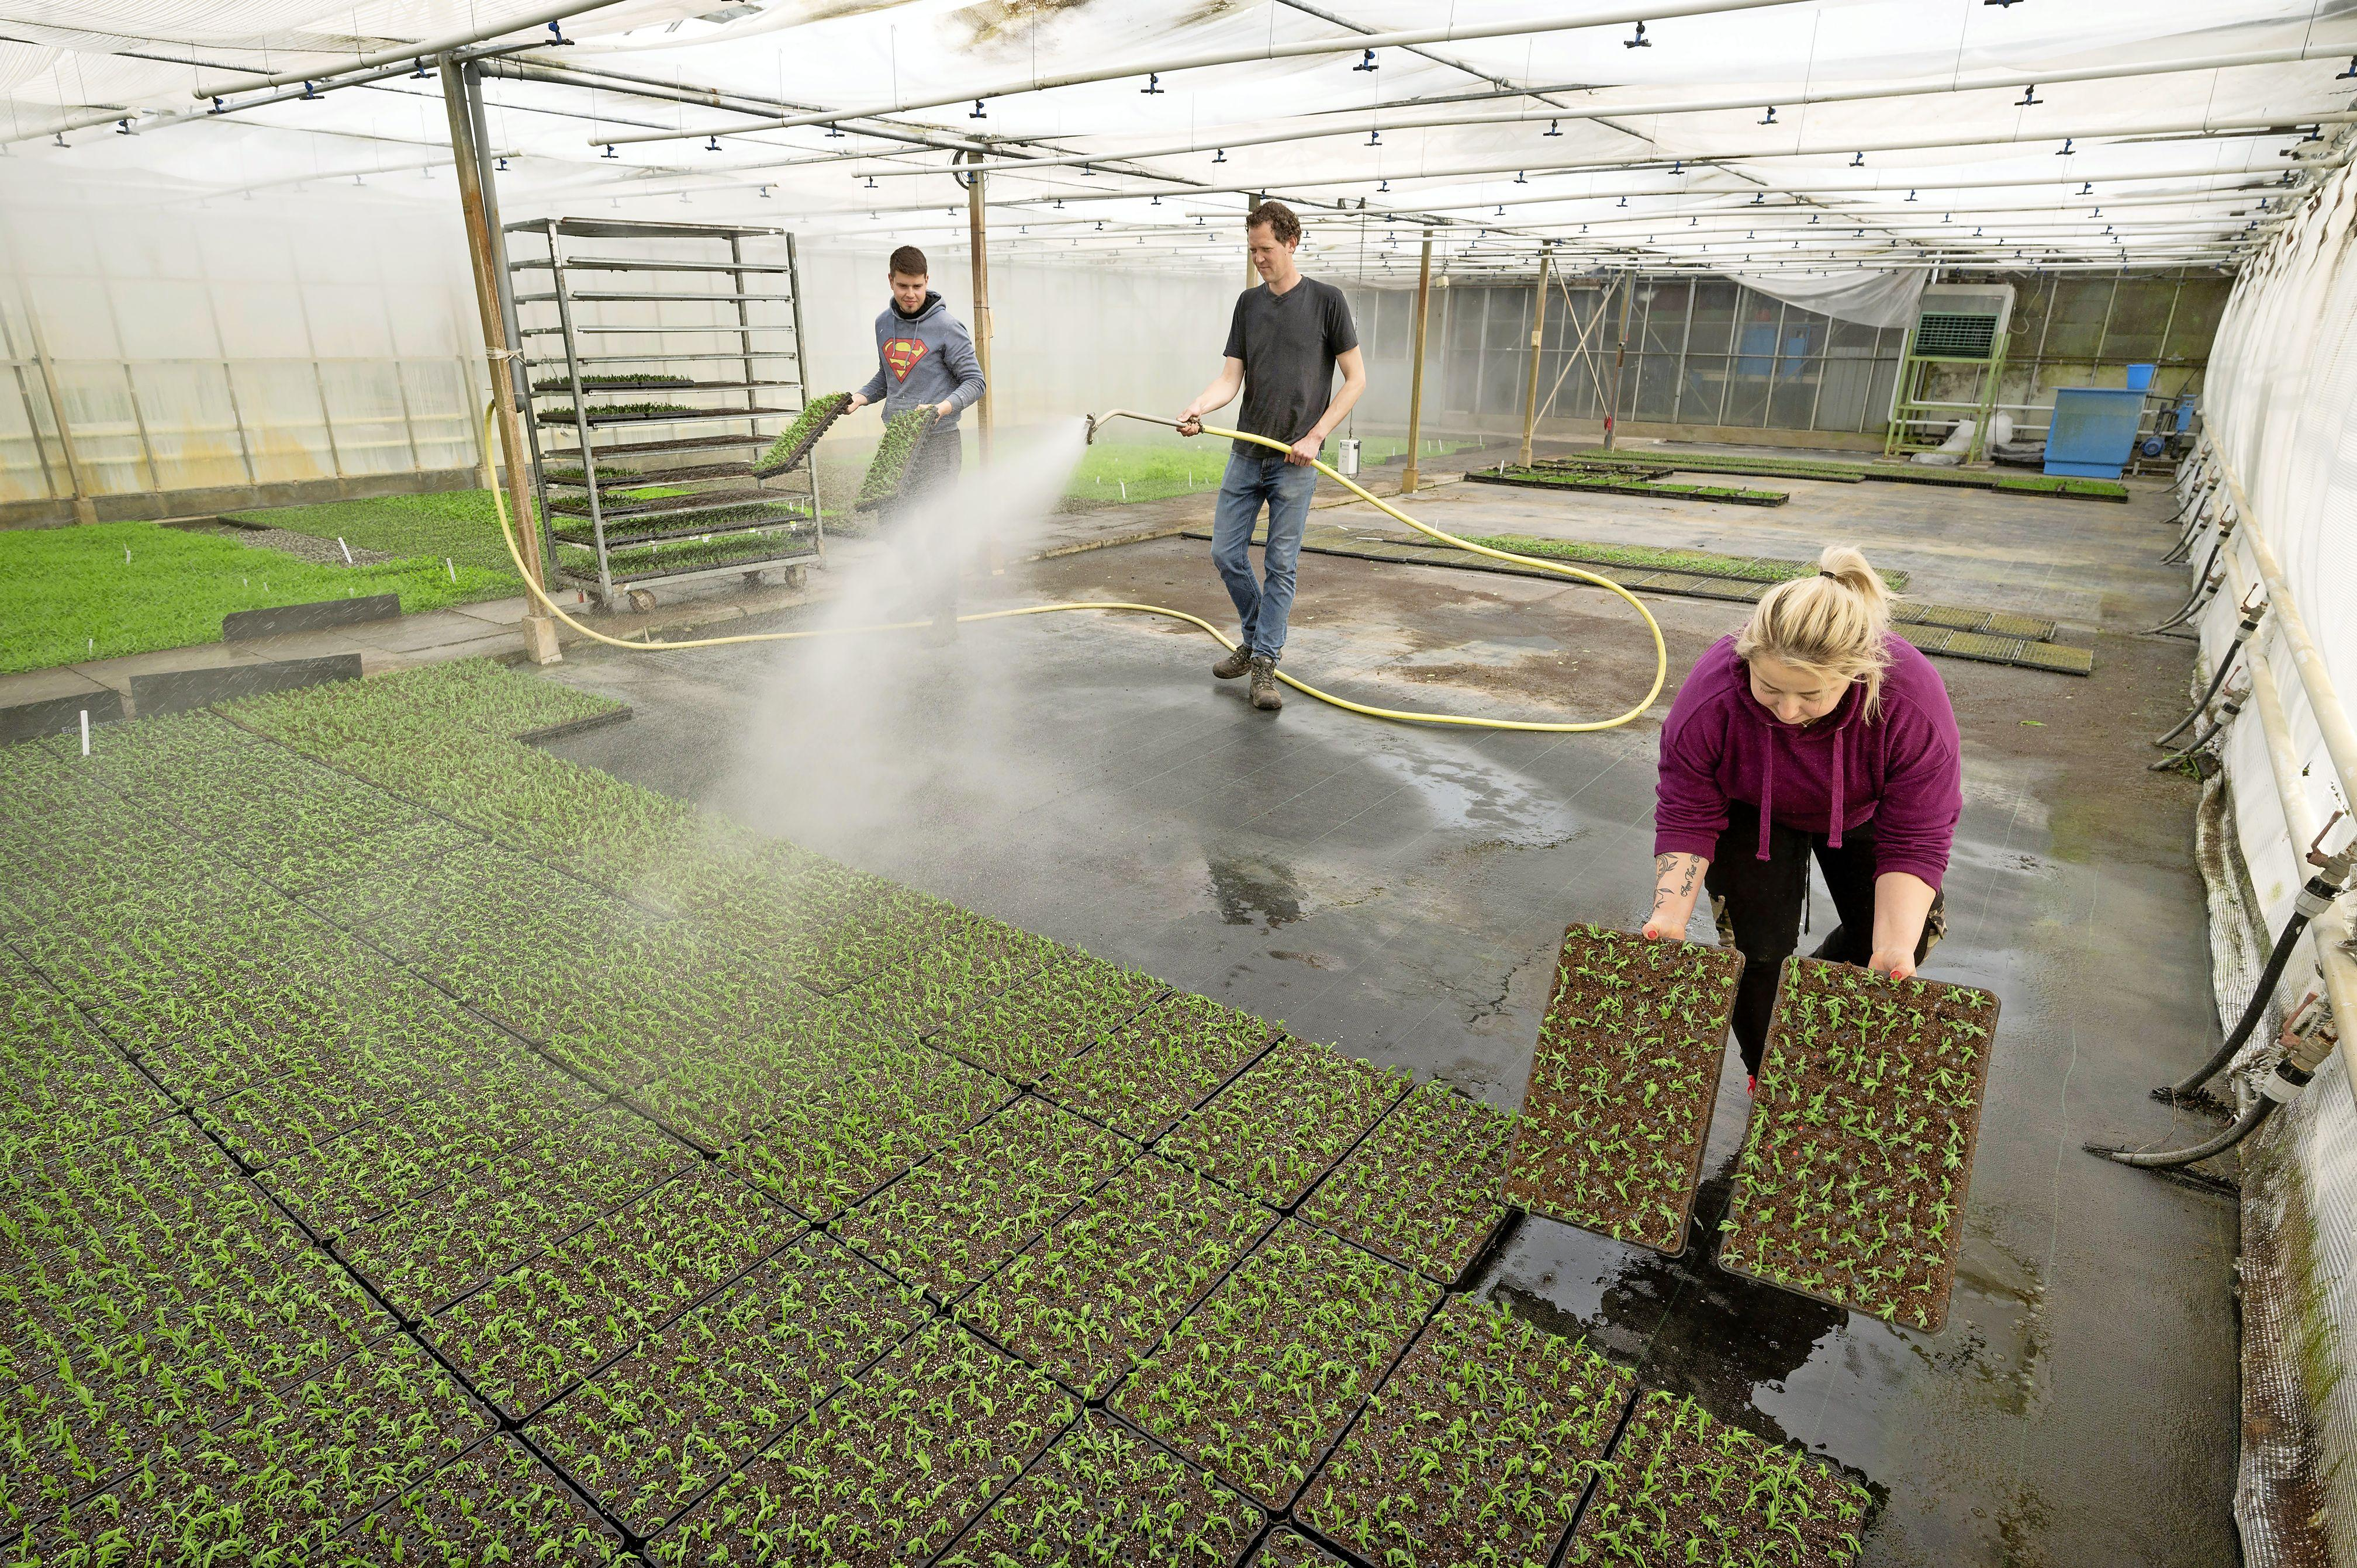 Loeren bij de boeren: Stekken vertroetelen in een kas met tropisch klimaat